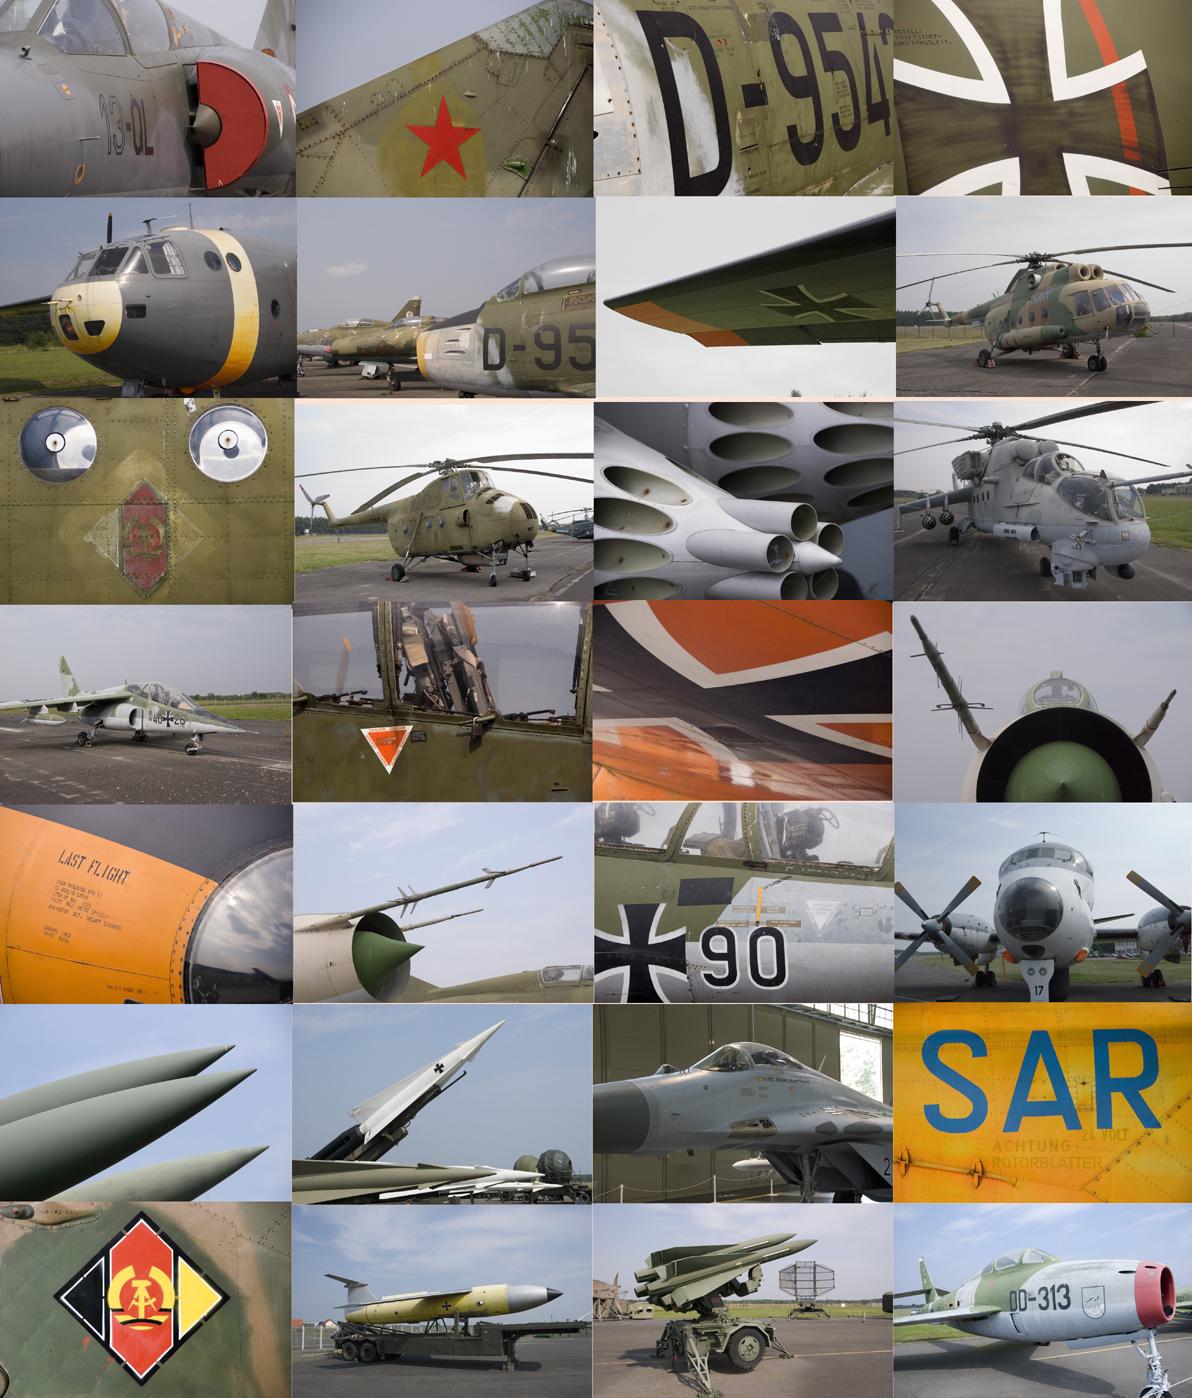 [luftwaffenmuseum.jpg]